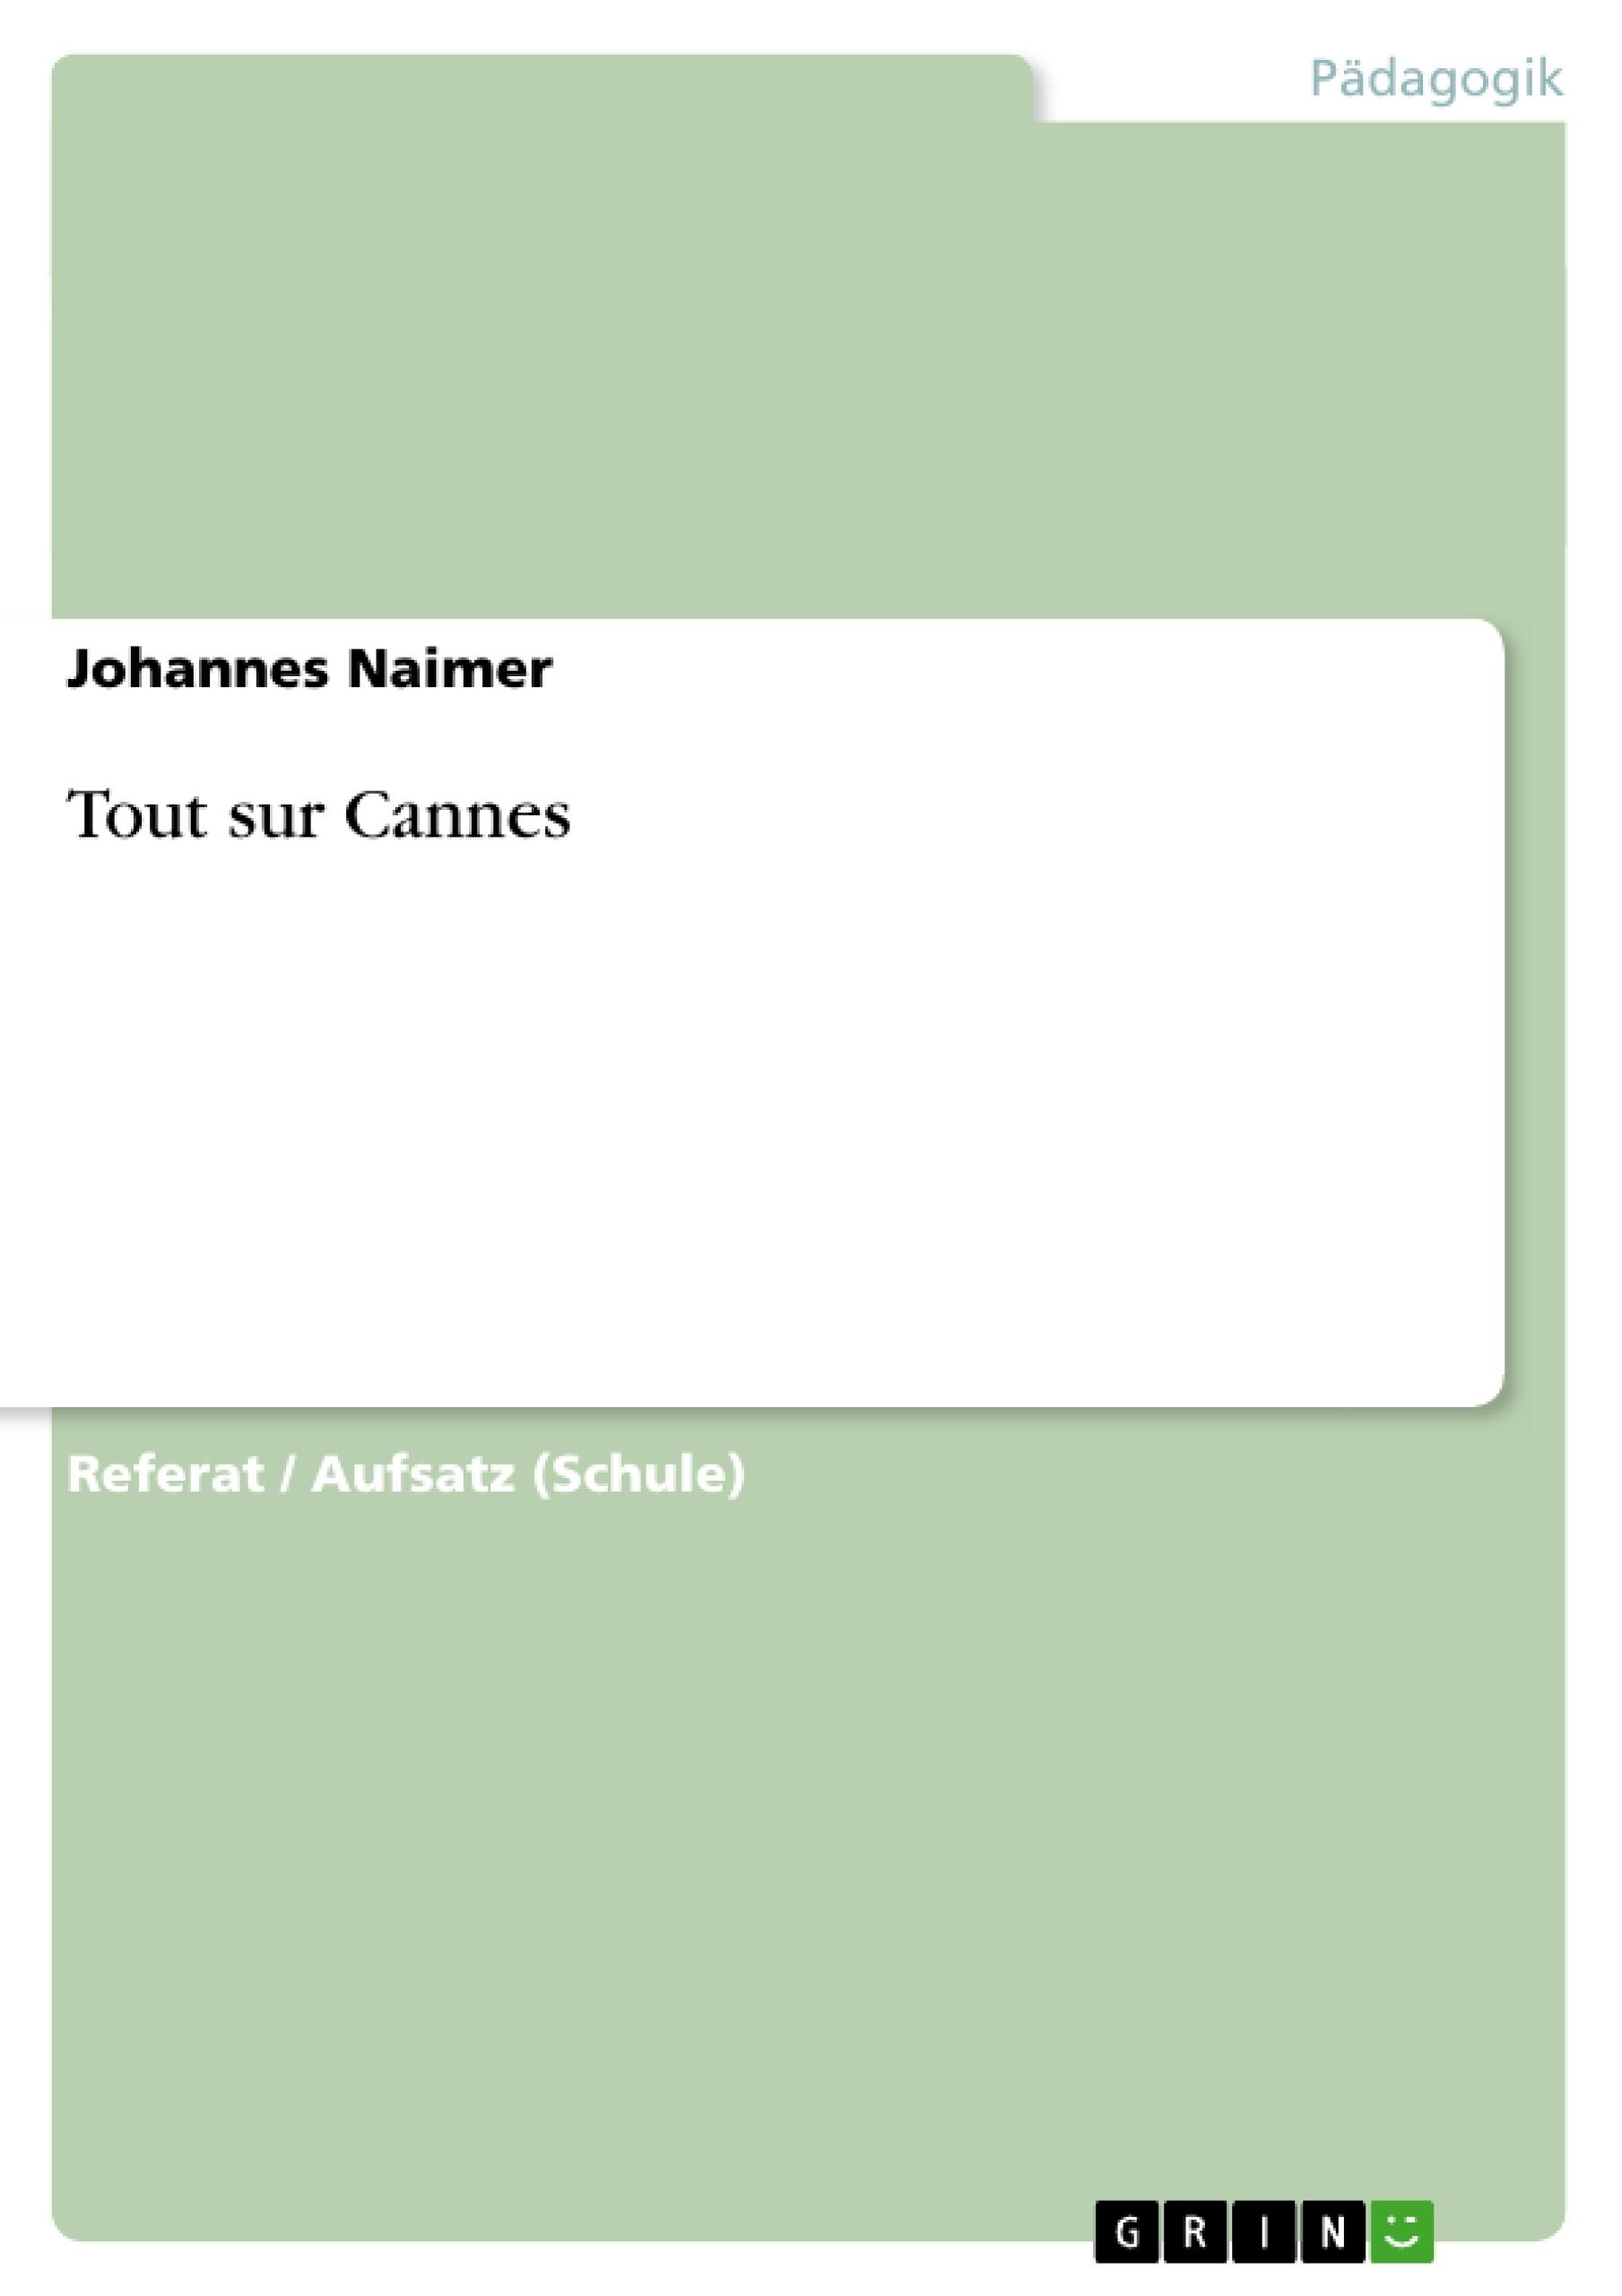 Titel: Tout sur Cannes